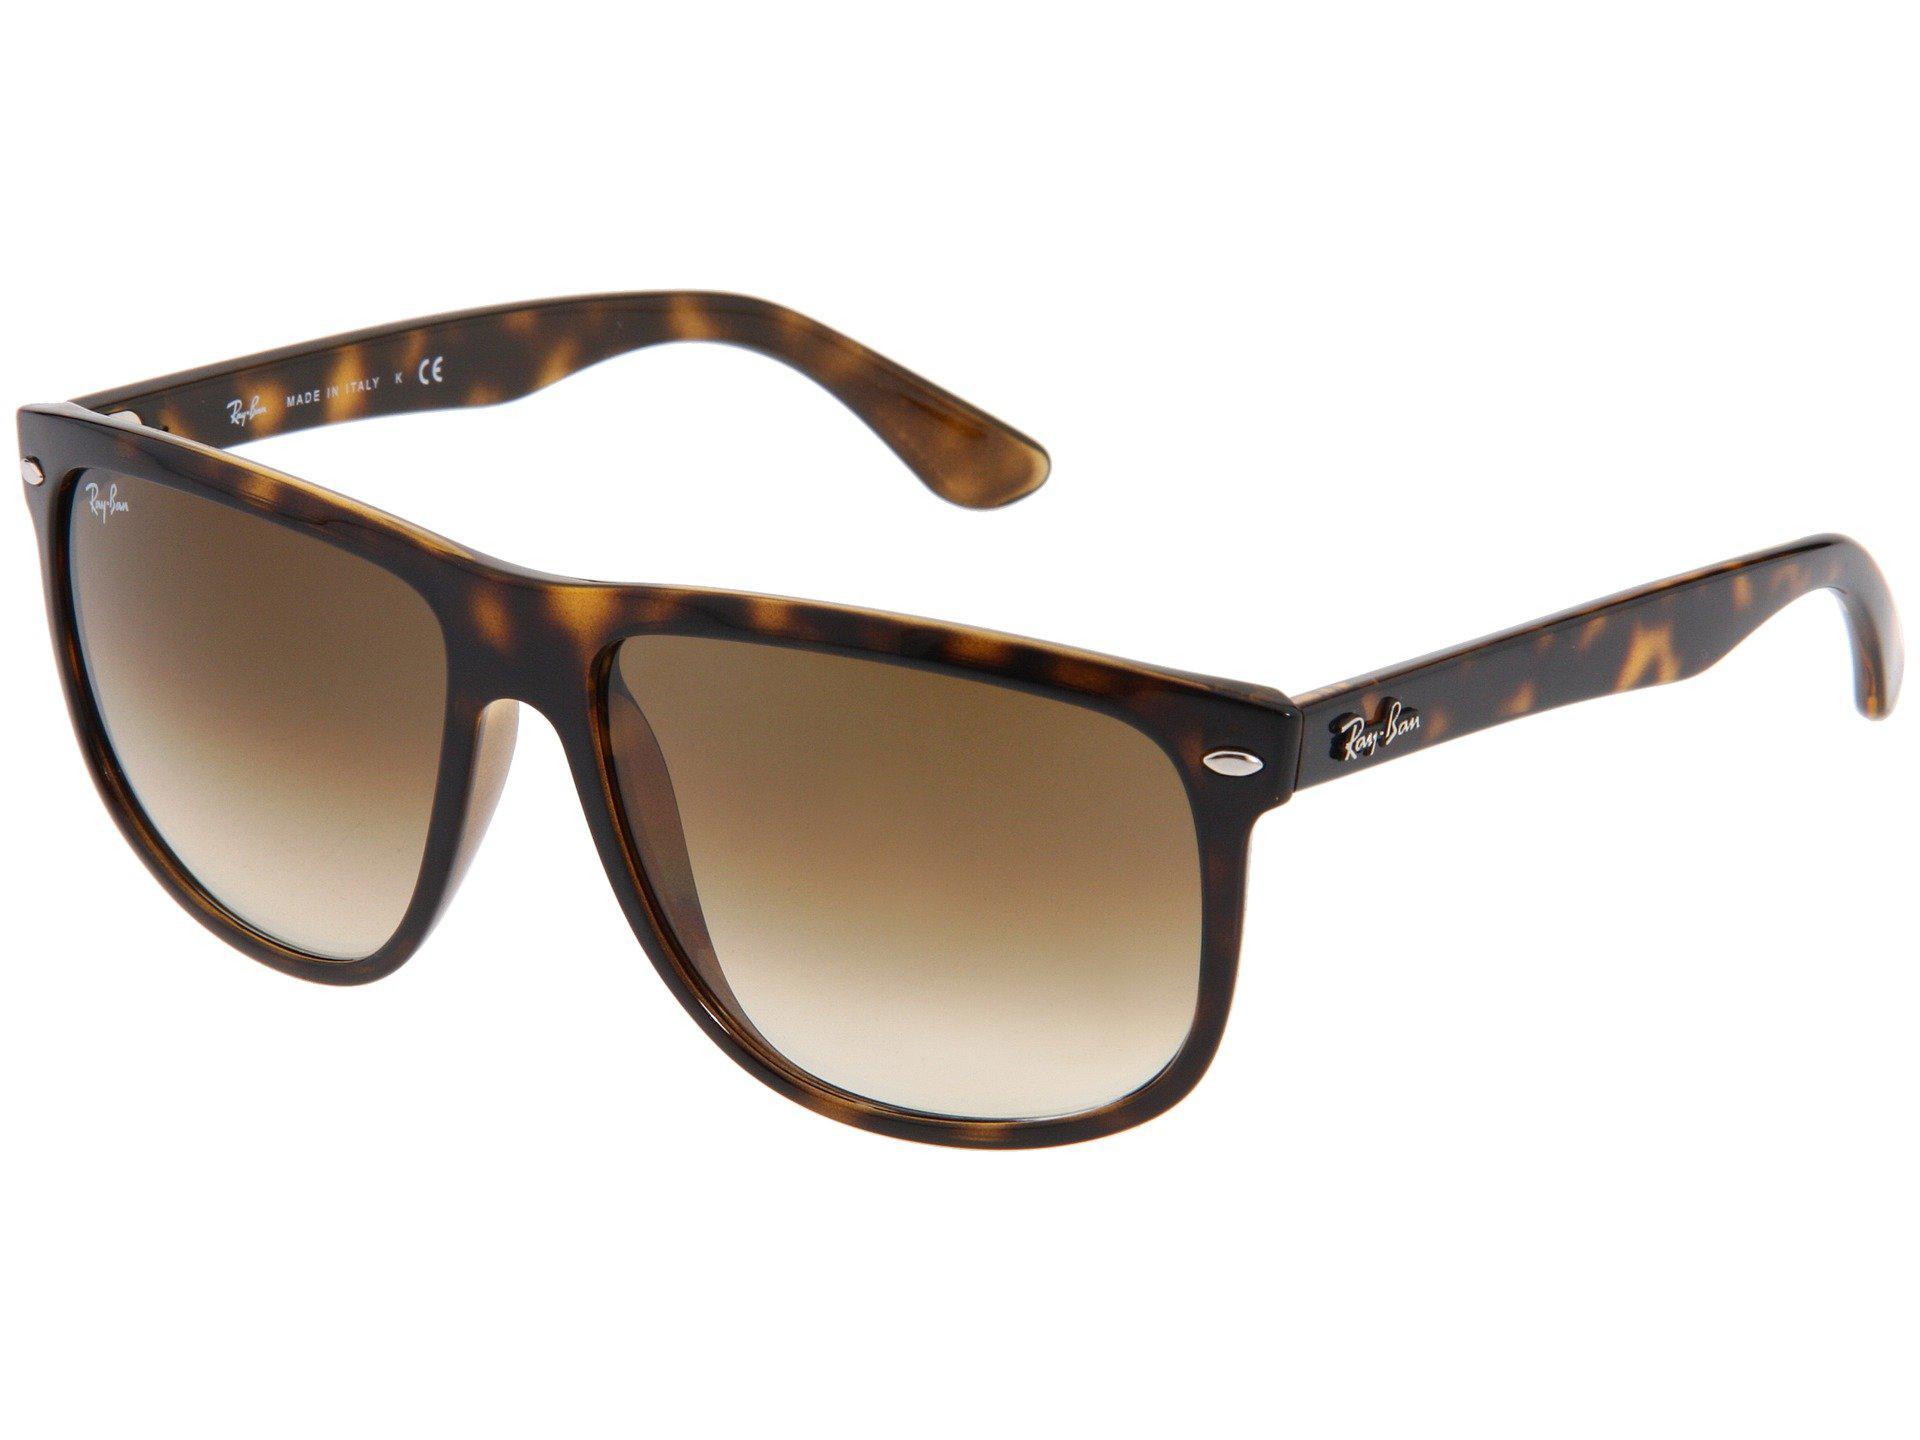 bb14a2bb6a5 Lyst - Ray-Ban Rb4147 Boyfriend (black black) Fashion Sunglasses in ...